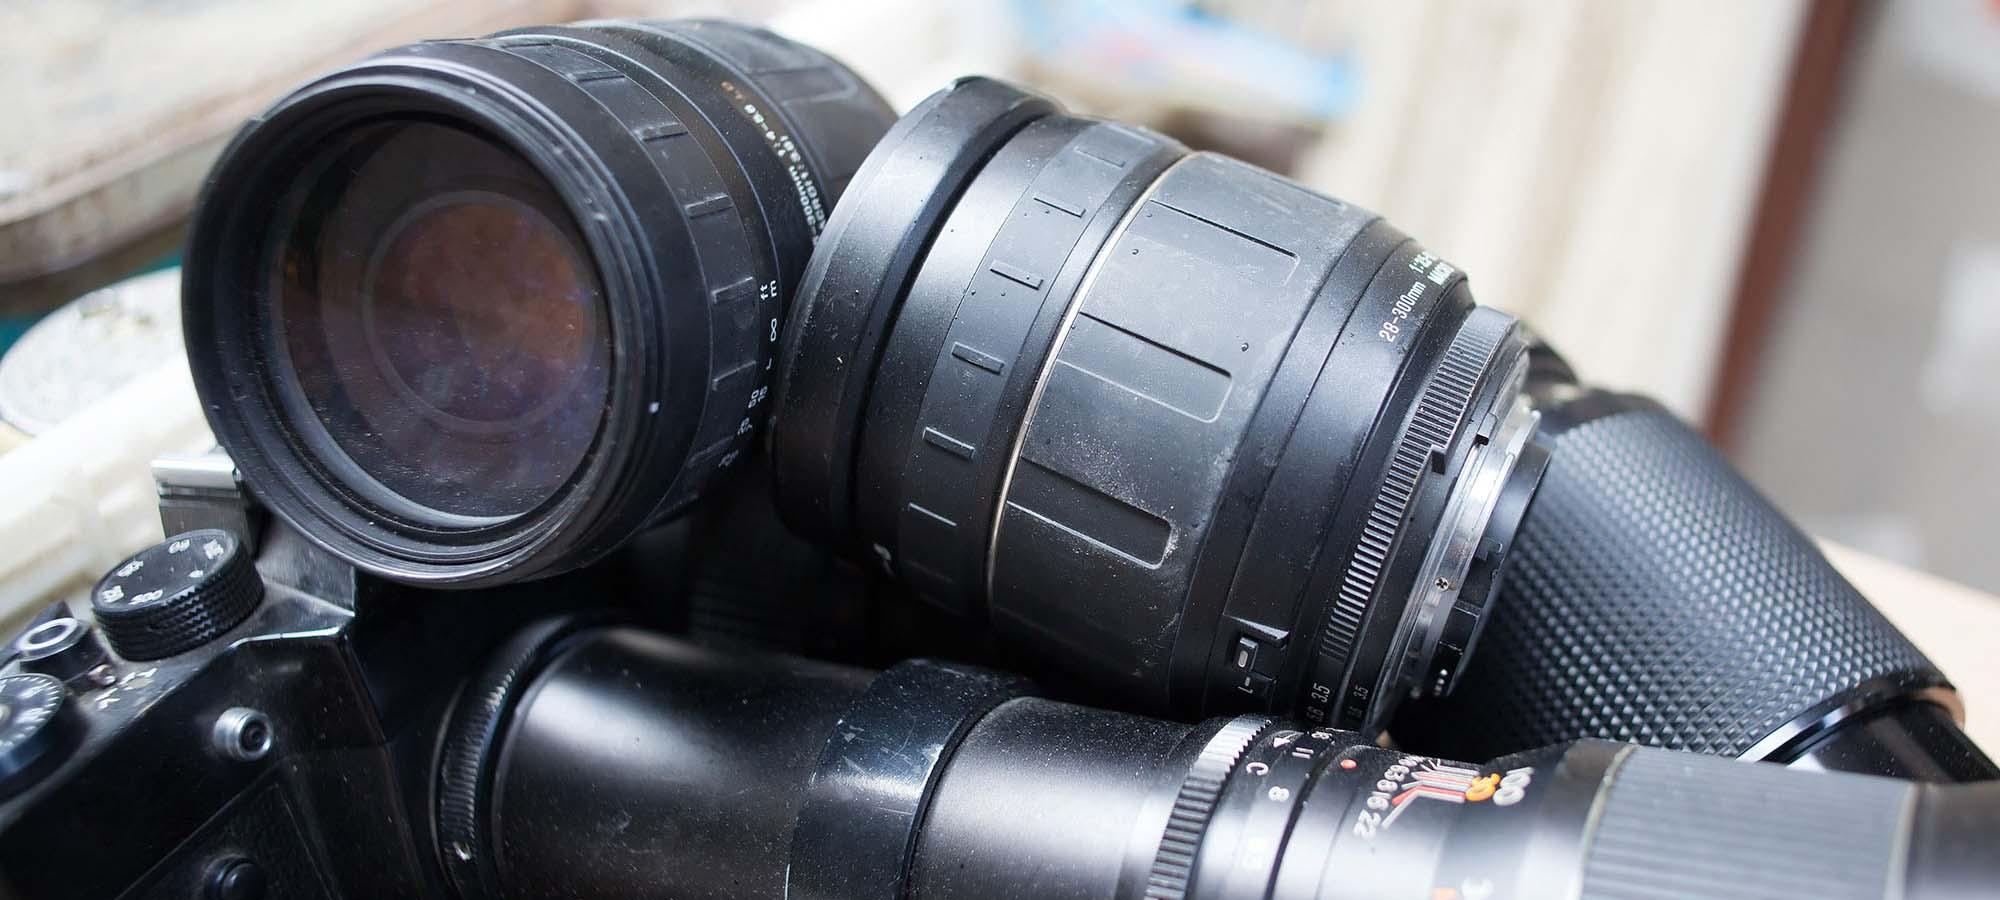 Brukte fotolinser